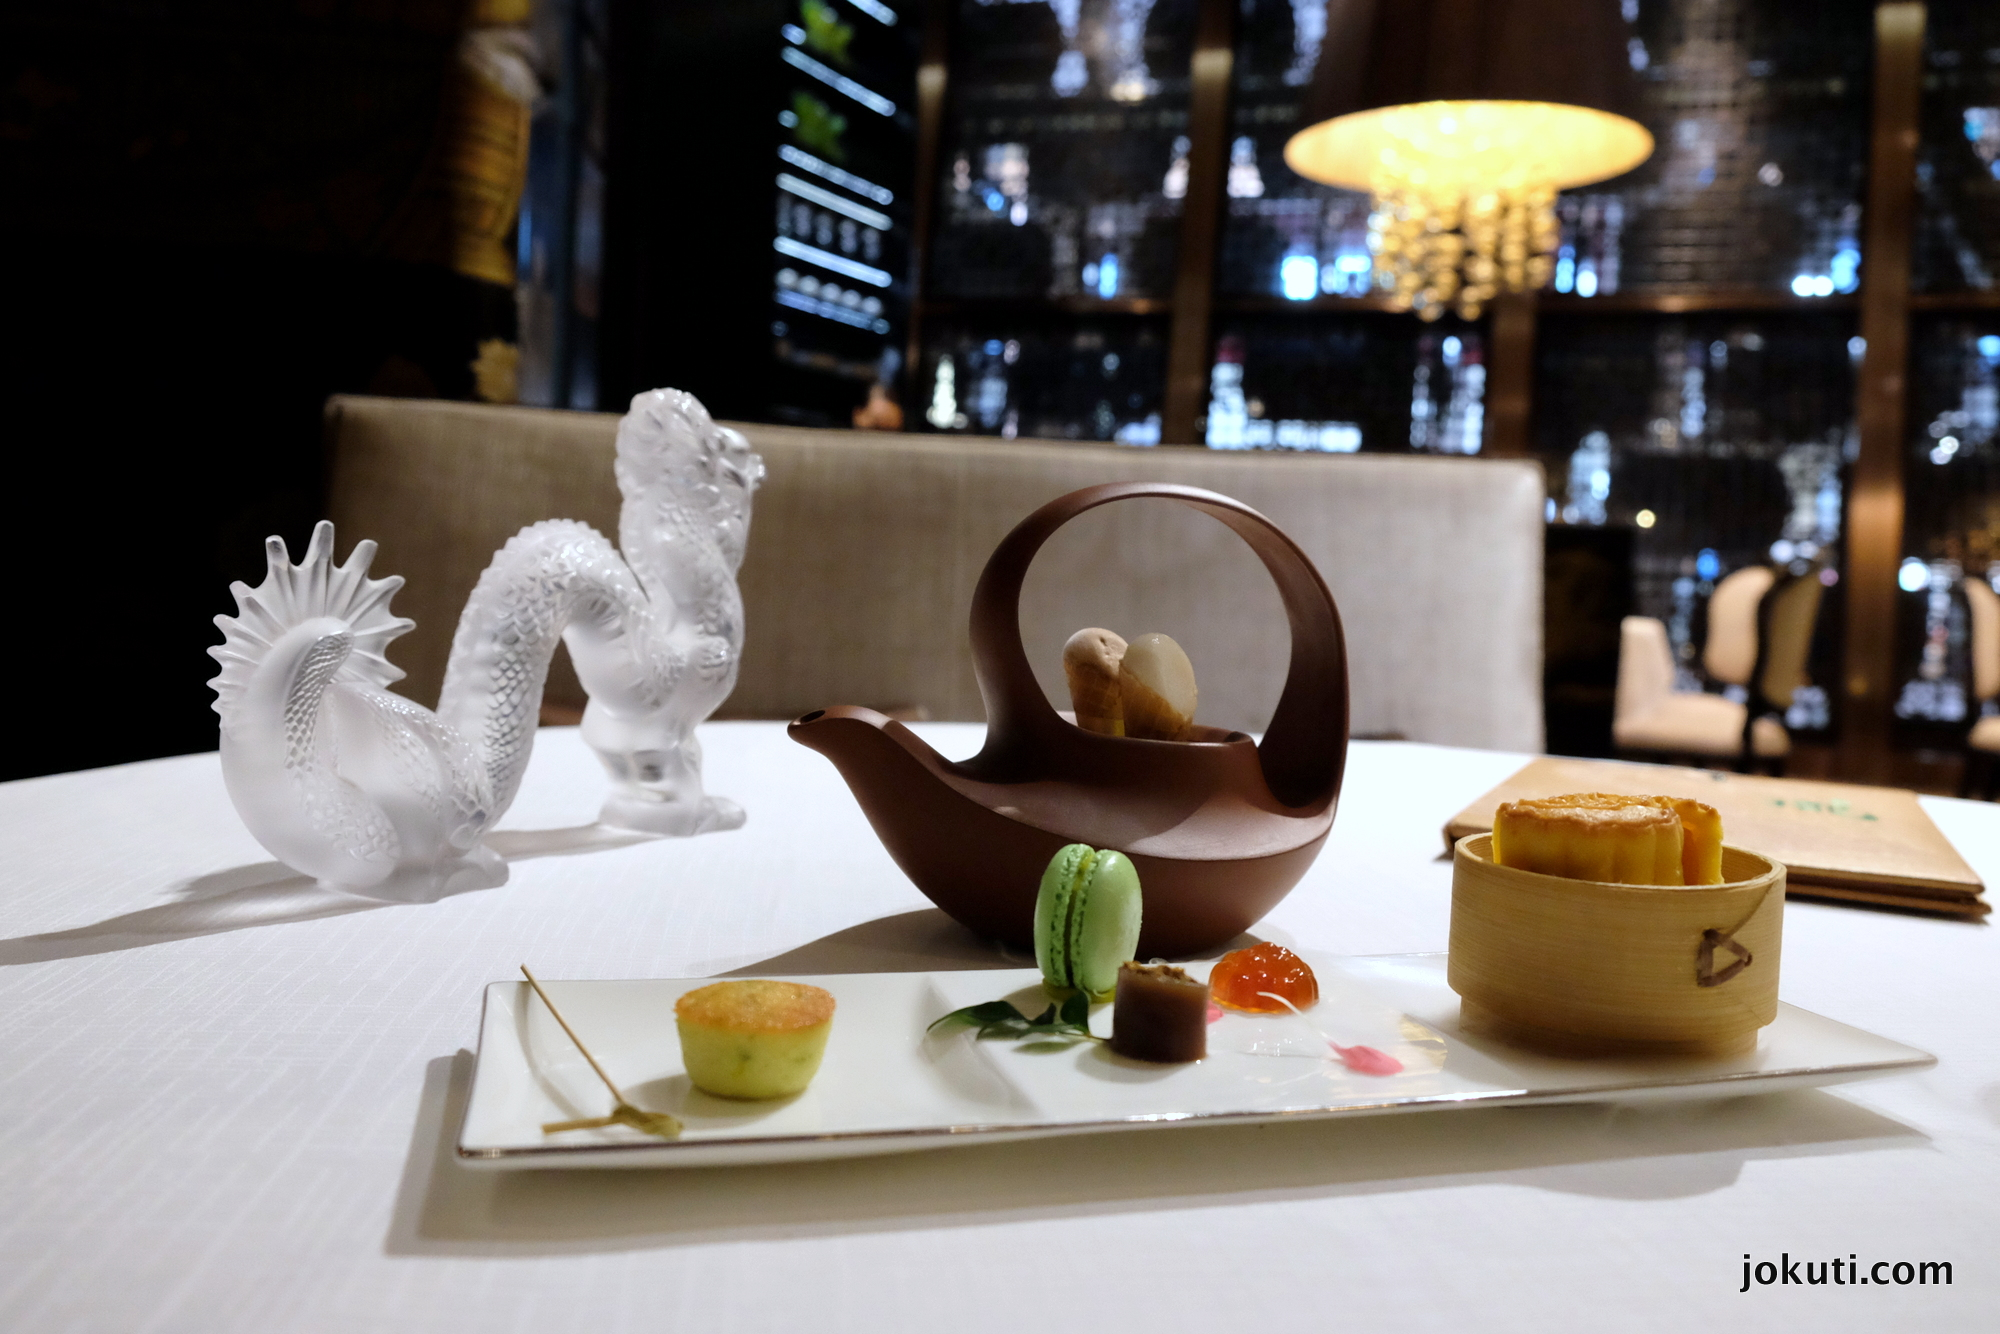 dscf6958_jade_dragon_restaurant_cantonese_chinese_michelin_macau_makao_china_kinai_vilagevo_jokuti.jpg